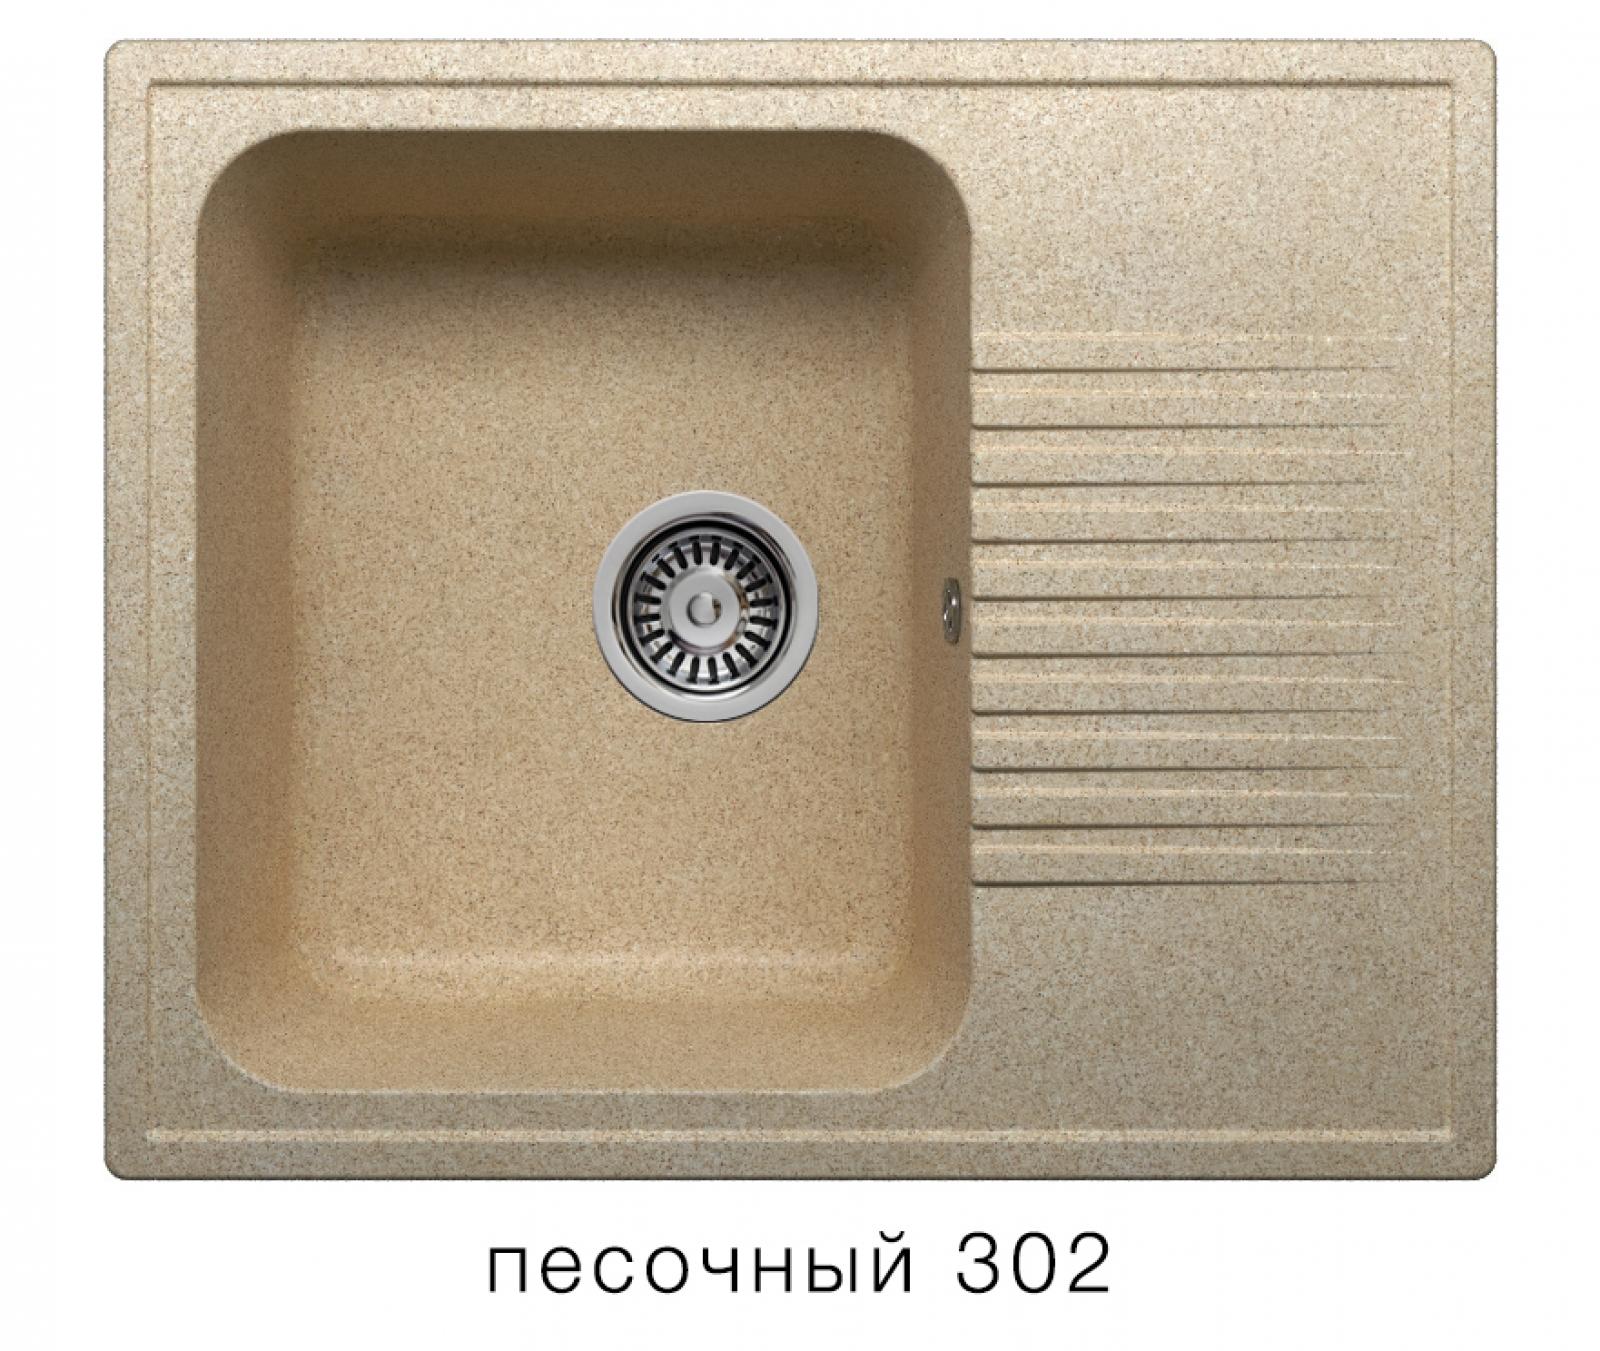 Мойка Polygran-F-07-302, цвет - Песочный